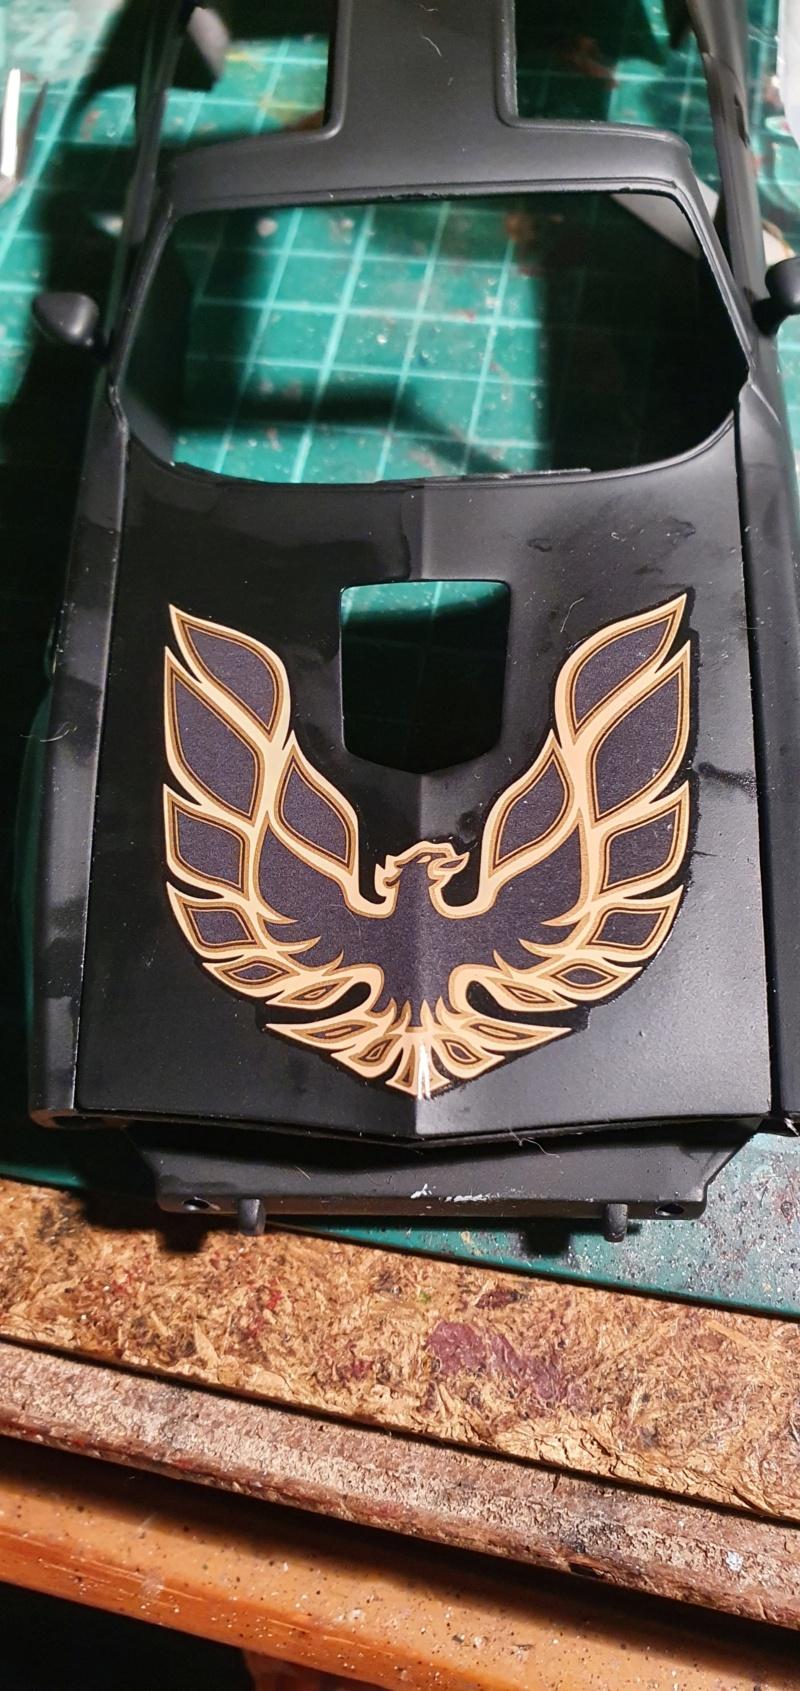 Bandit und sein 77er Pontiac Firebird Trans Am aus Smokey and the Bandit - Seite 3 20202323